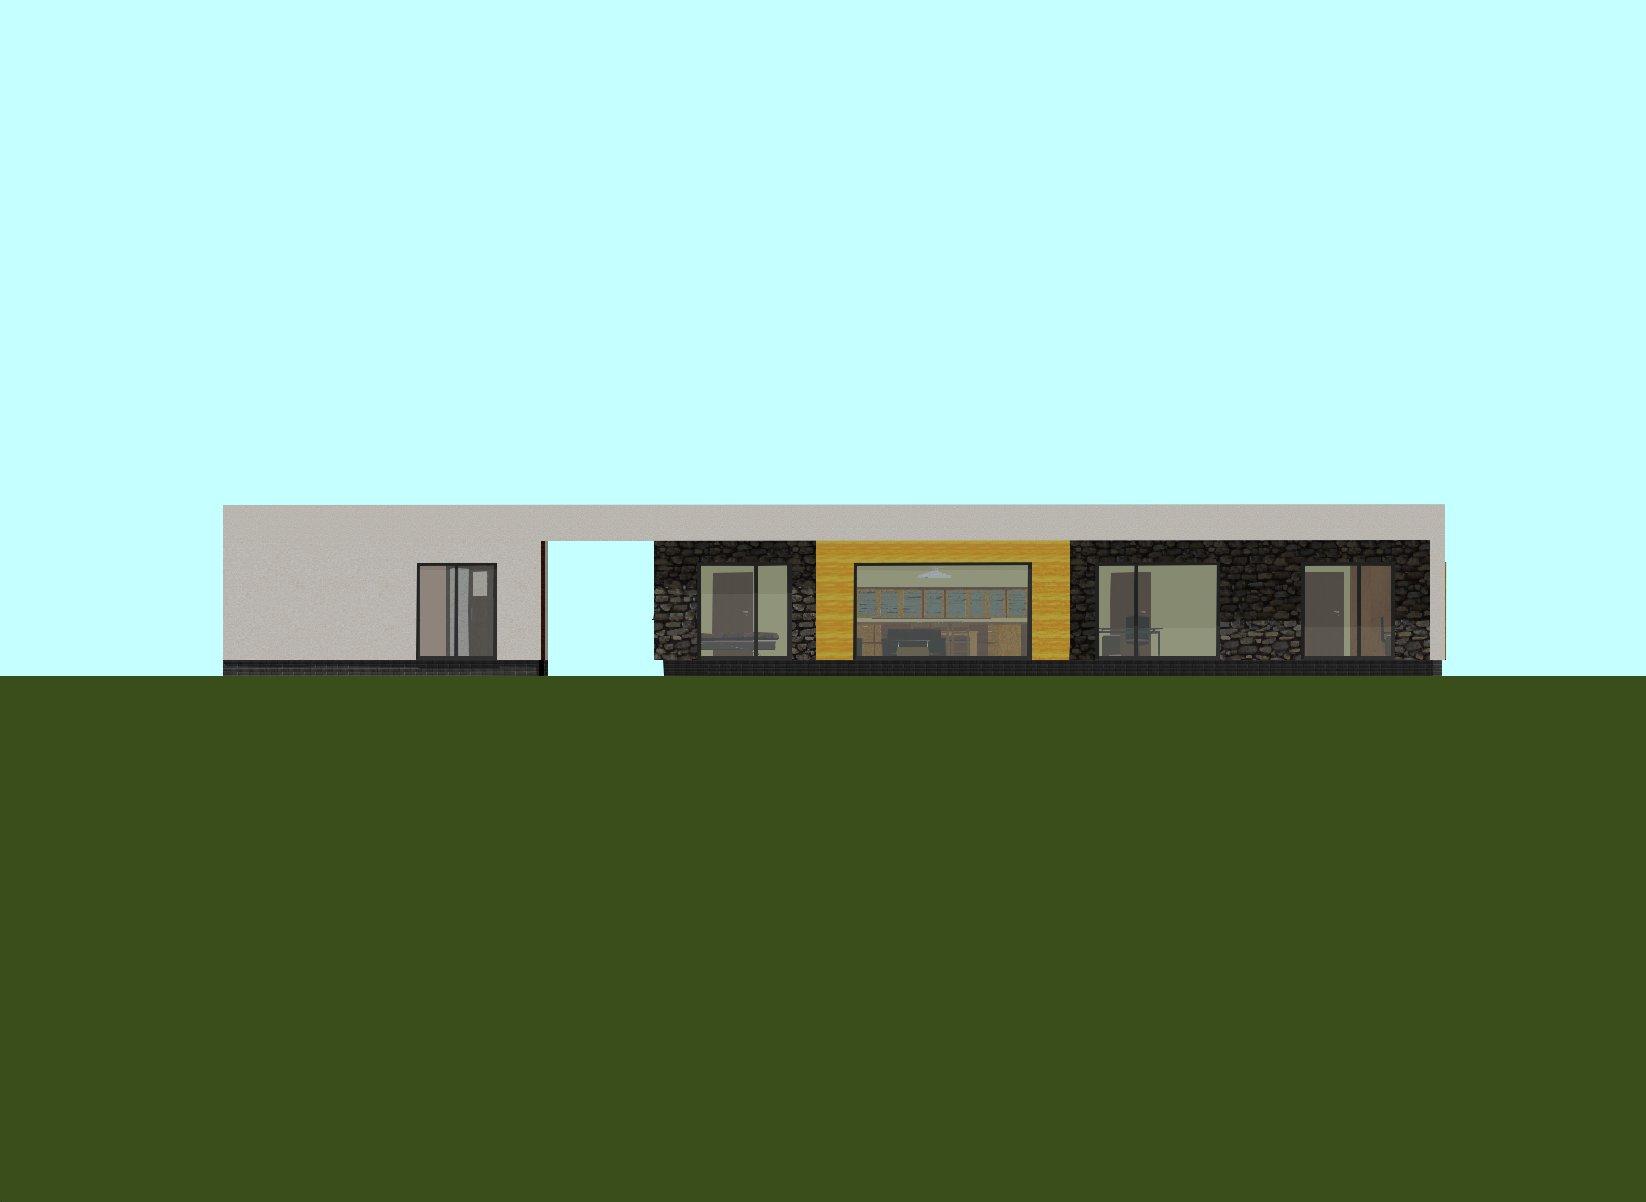 Projekt RD - dřevostavba, fma Celet s. r. o. - Obrázek č. 1